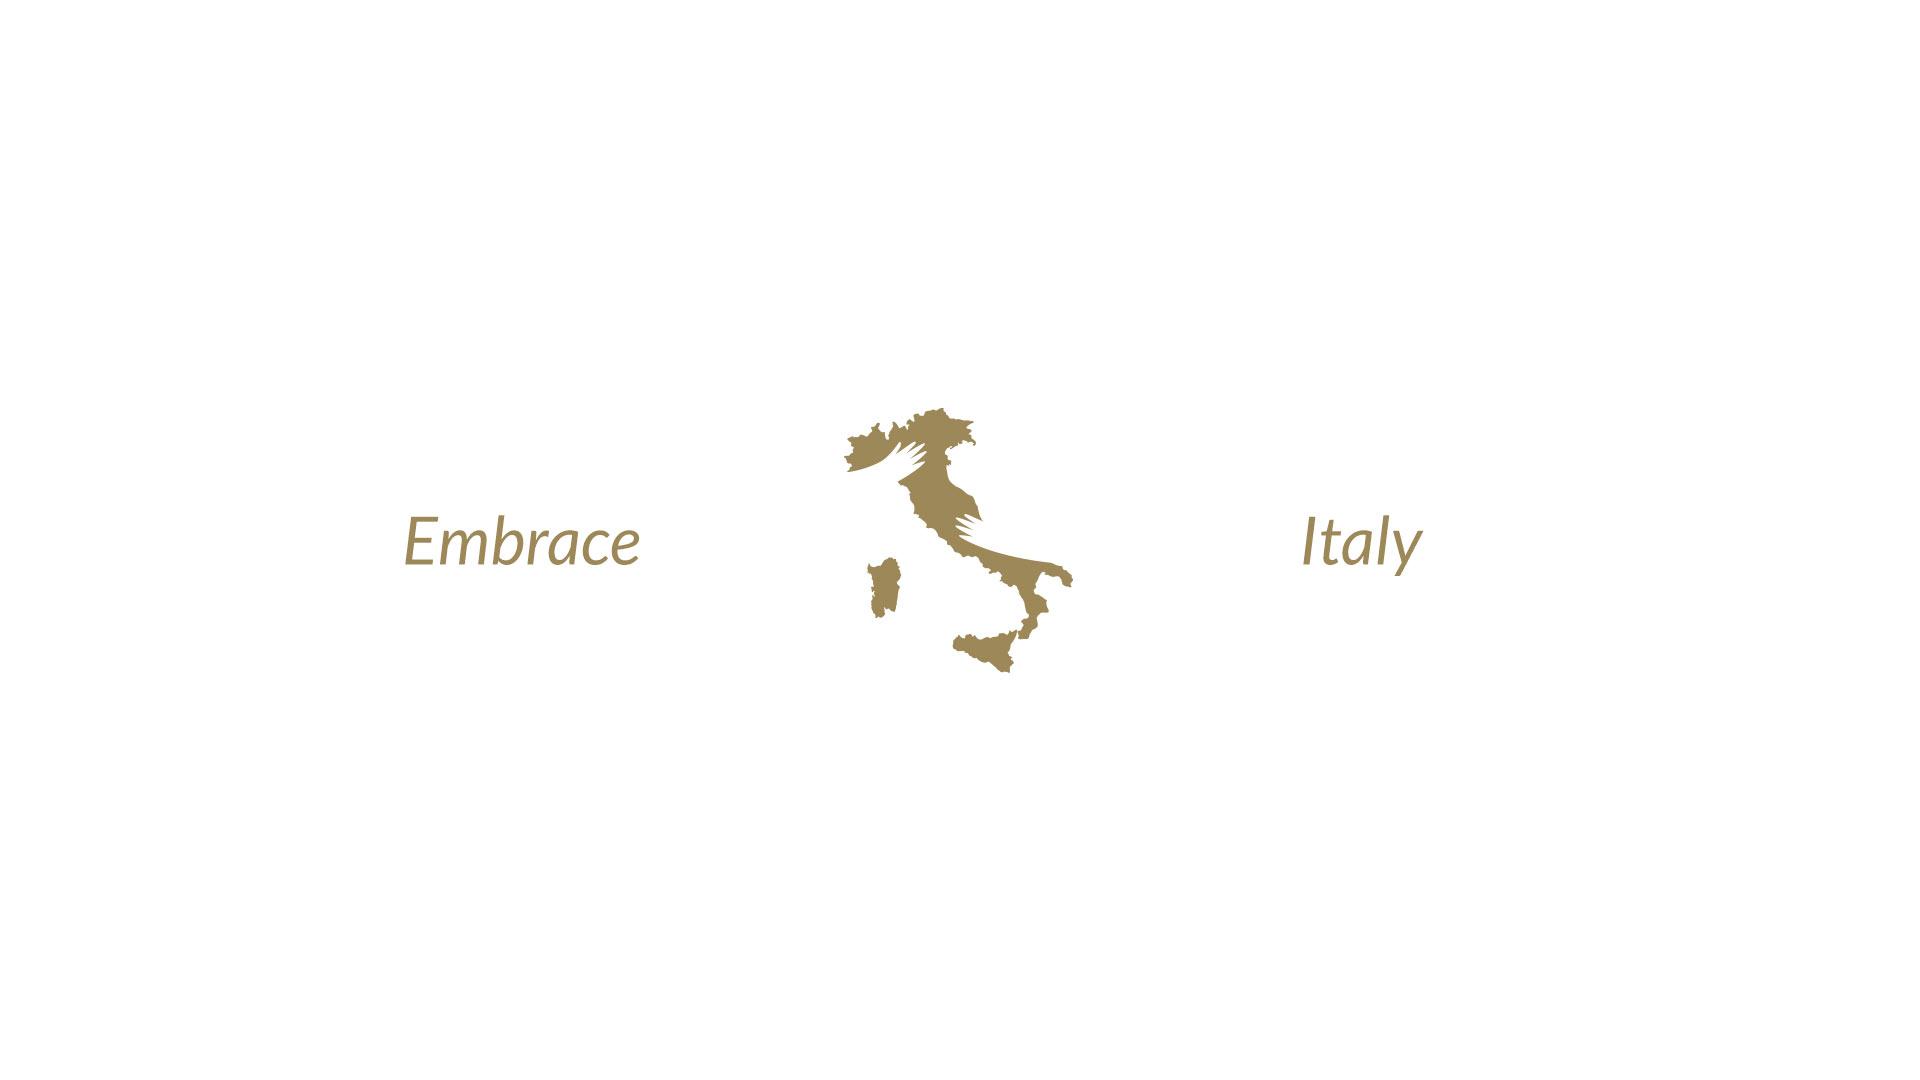 icone reflex embrace italy gold grafico milano 06